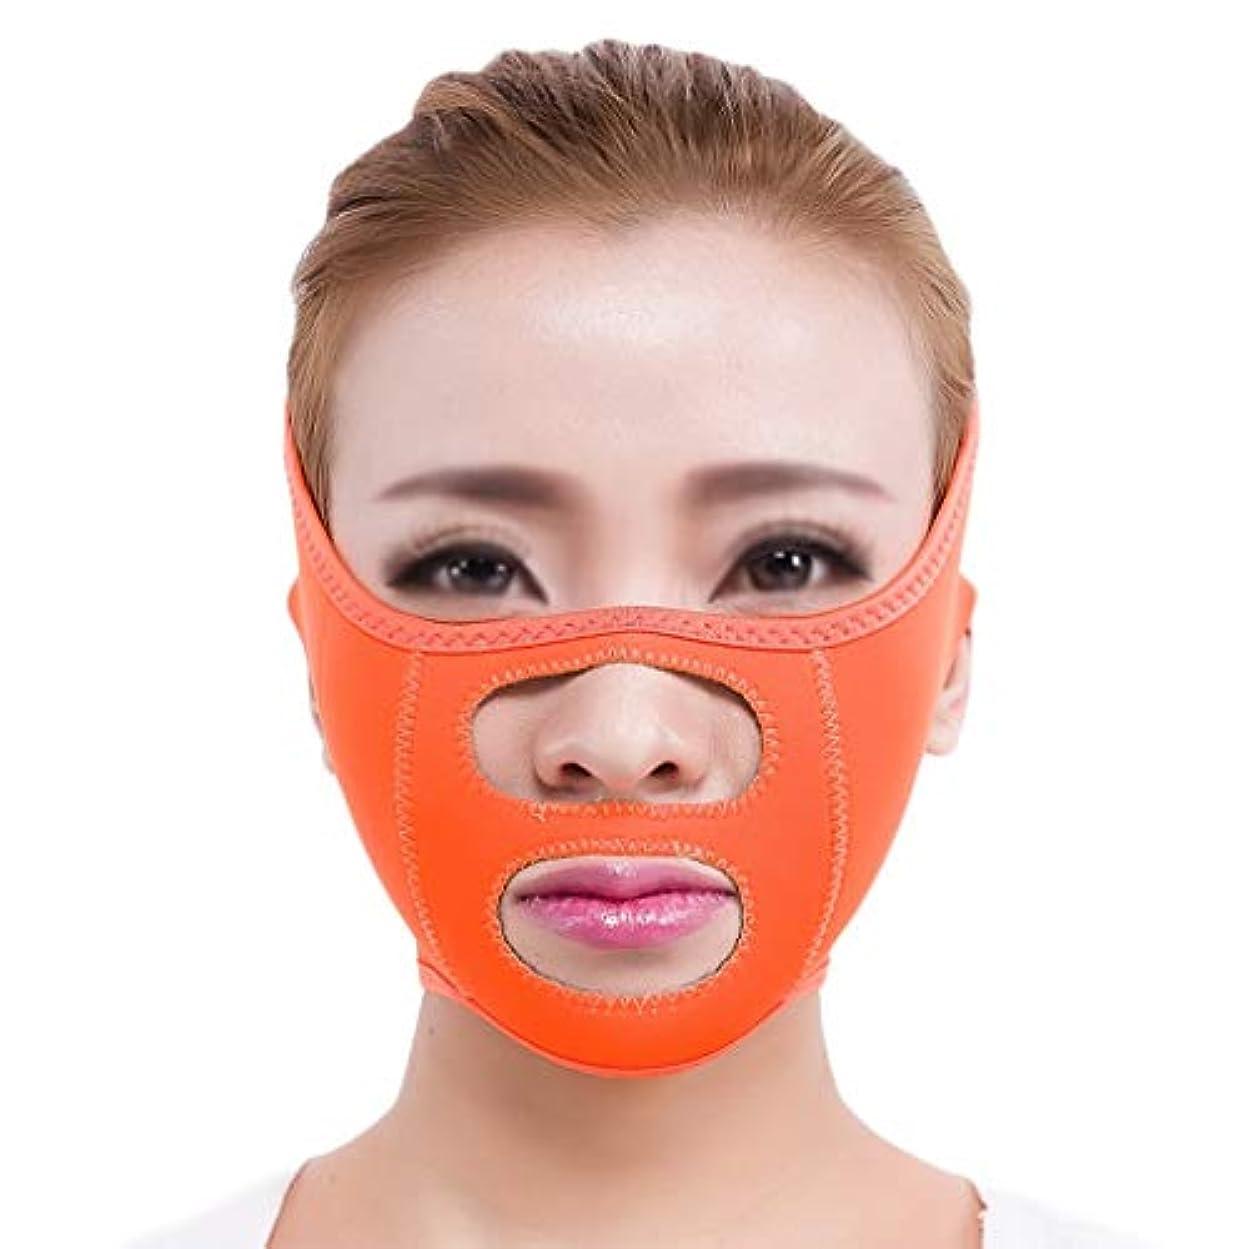 穀物ジャングルラグあごのストラップ、フェイスリフティングマスク、二重あご、フェイスリフティングに最適、リフティングフェイシャルスキン、フェイシャル減量マスク、フェイスリフティングベルト(フリーサイズ) (Color : Orange)